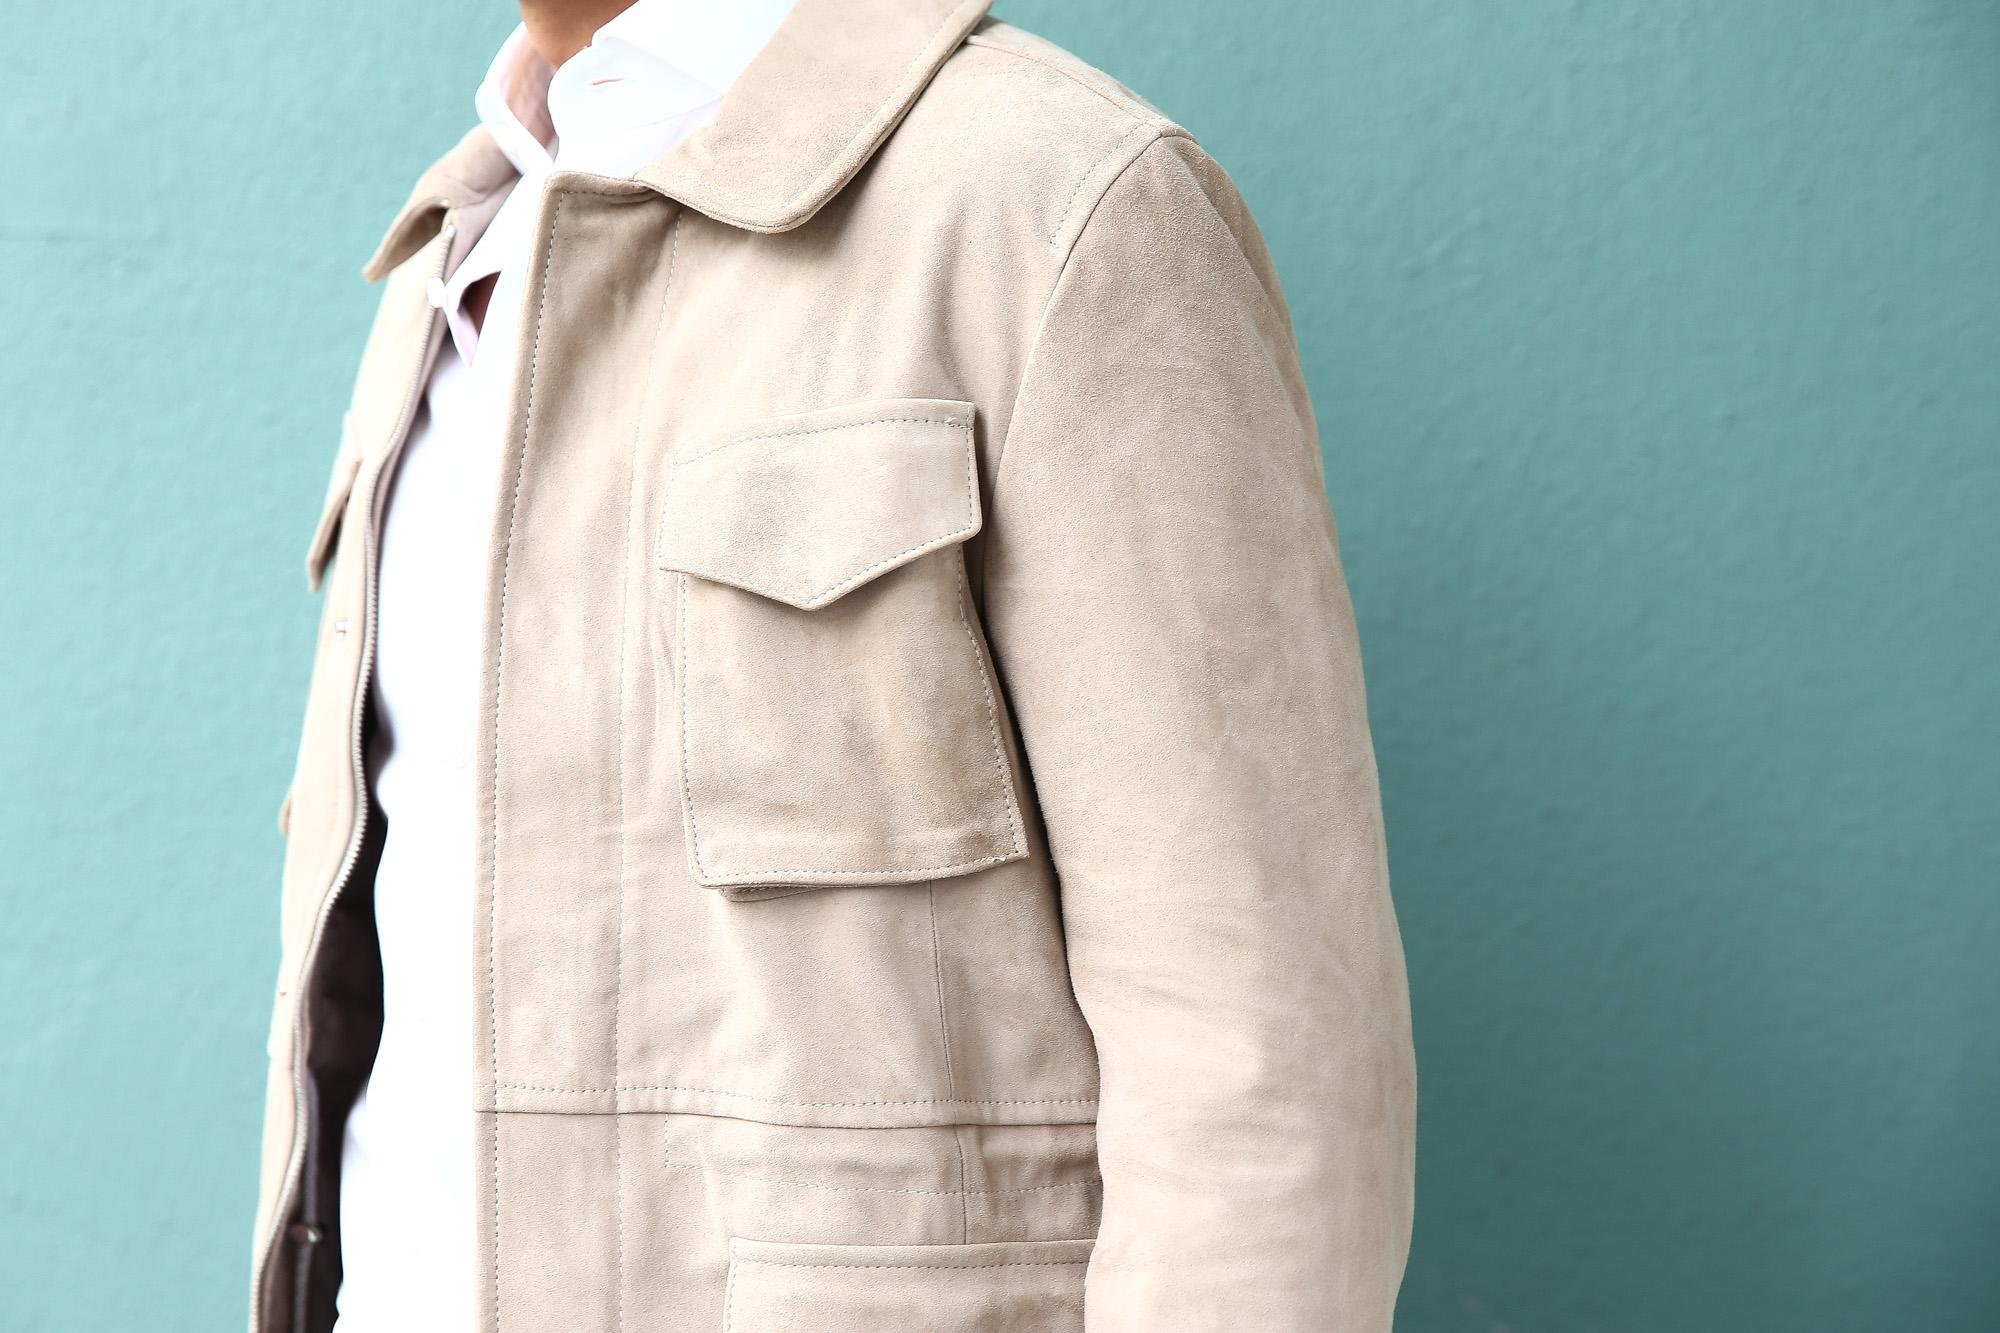 【Radice // ラディーチェ】 M-65 Suede Leather Jacket スエードラムナッパレザー ミリタリージャケット GRIGIO (ベージュ) MADE IN ITALY (イタリア製) 2017 秋冬新作 radice ラディーチェ 愛知 名古屋 Alto e Diritto アルト エ デリット